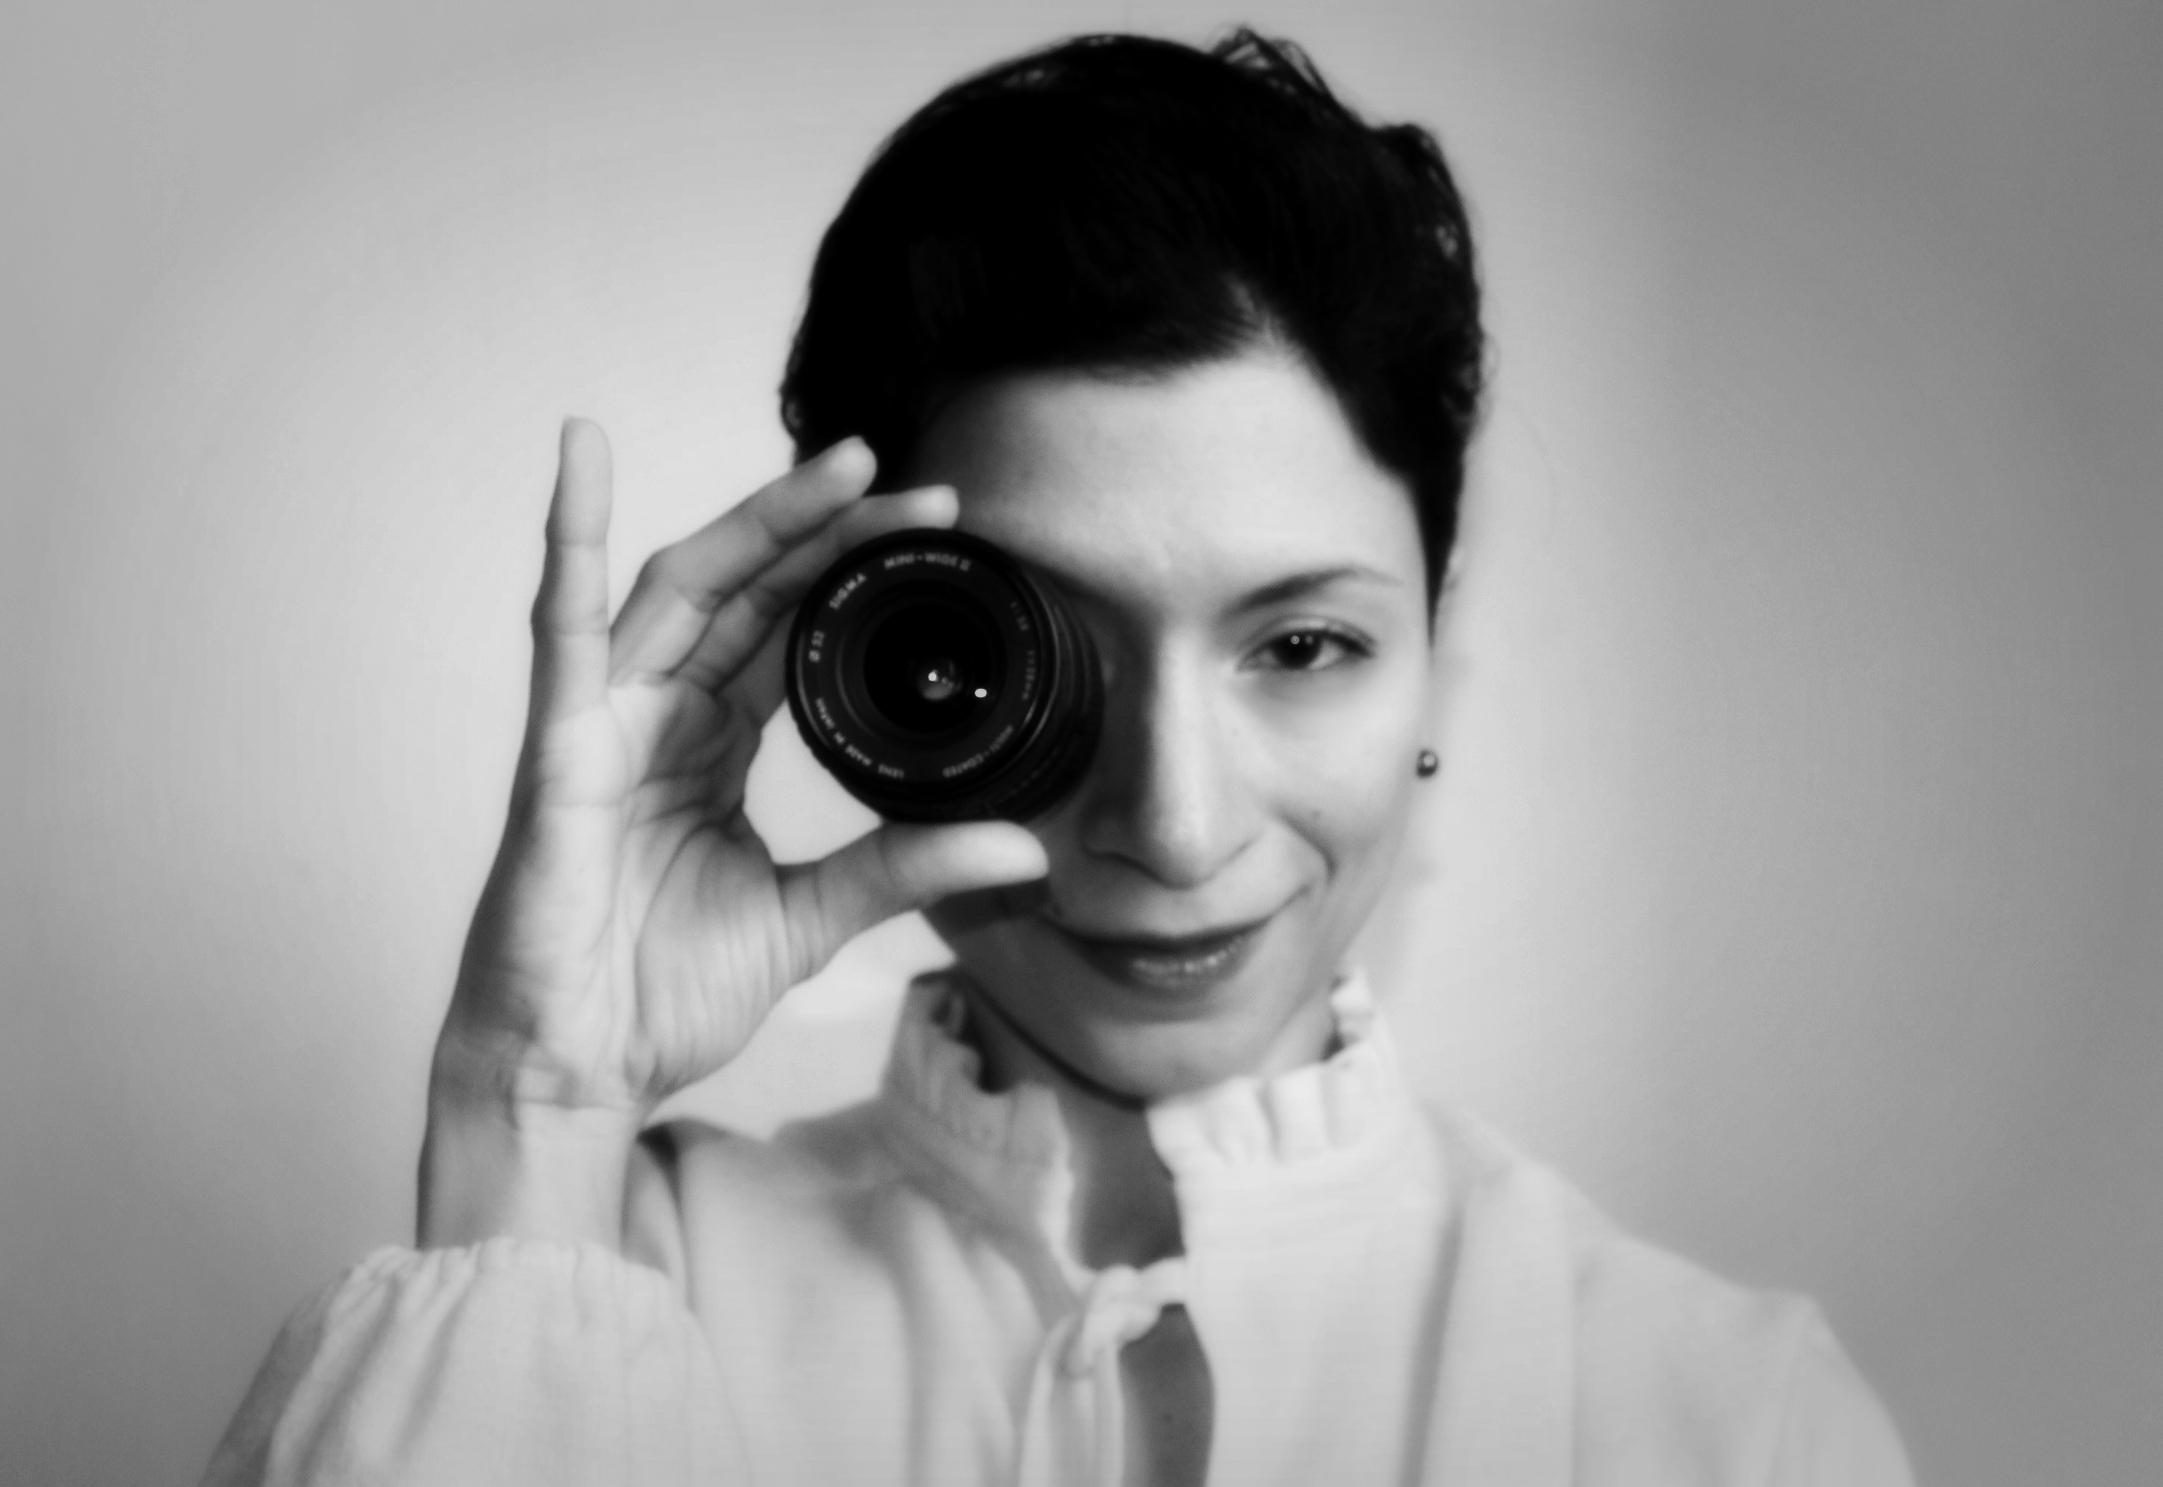 Abbiamo incontrato la giovane regista, Nicole Toscano, cresciuta nella scuola tedesca di Milano, che ci ha parlato del suo nuovo progetto artistico, con il quale partecipa al Roma Web Fest. […]